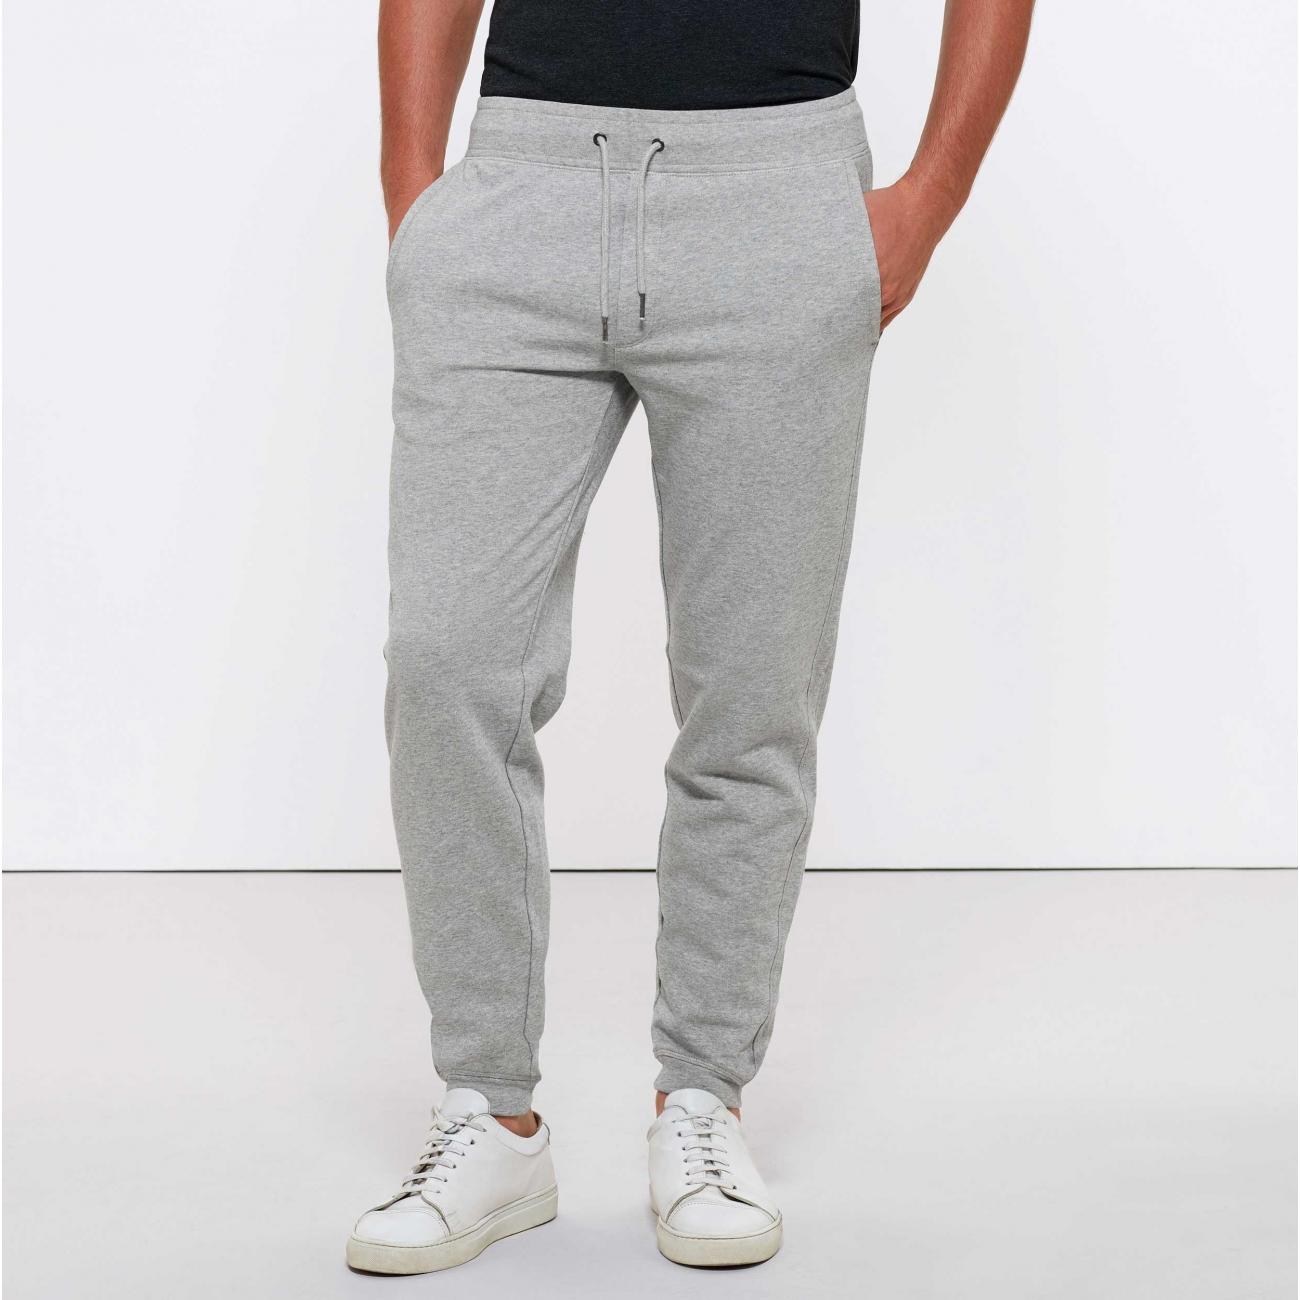 https://tee-shirt-bio.com/5706-thickbox_default/pantalon-de-jogging-en-coton-bio-gris-chine-pour-homme.jpg